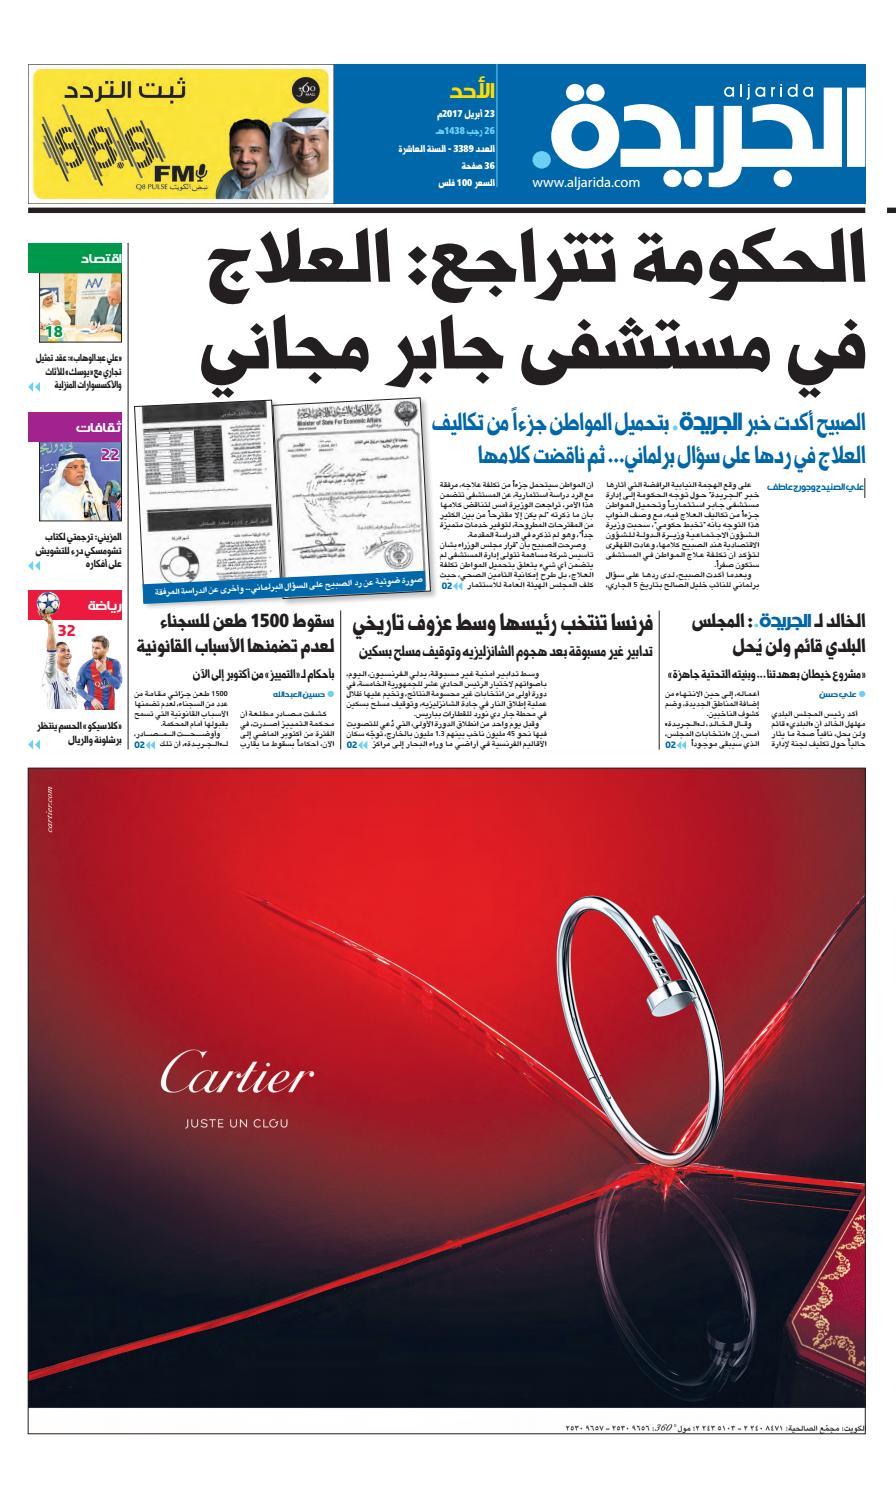 69a9dbec8 عدد الجريدة 23 أبريل 2017 by Aljarida Newspaper - issuu